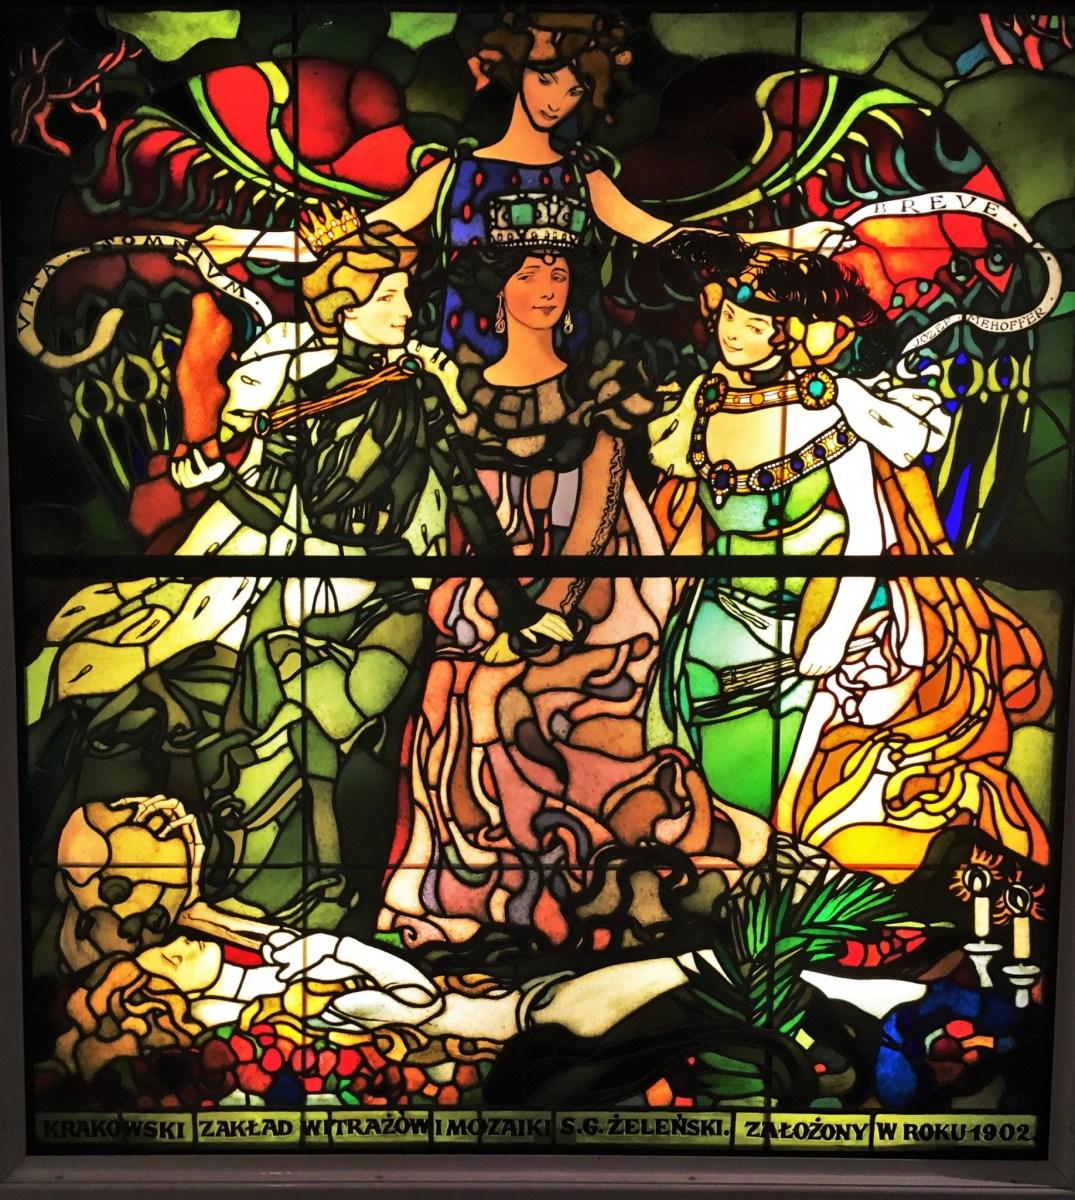 Vita - Somnium Breve - Stain-glass windows by Jozef Mehoffer - Muzeum Narodowe w Krakowie